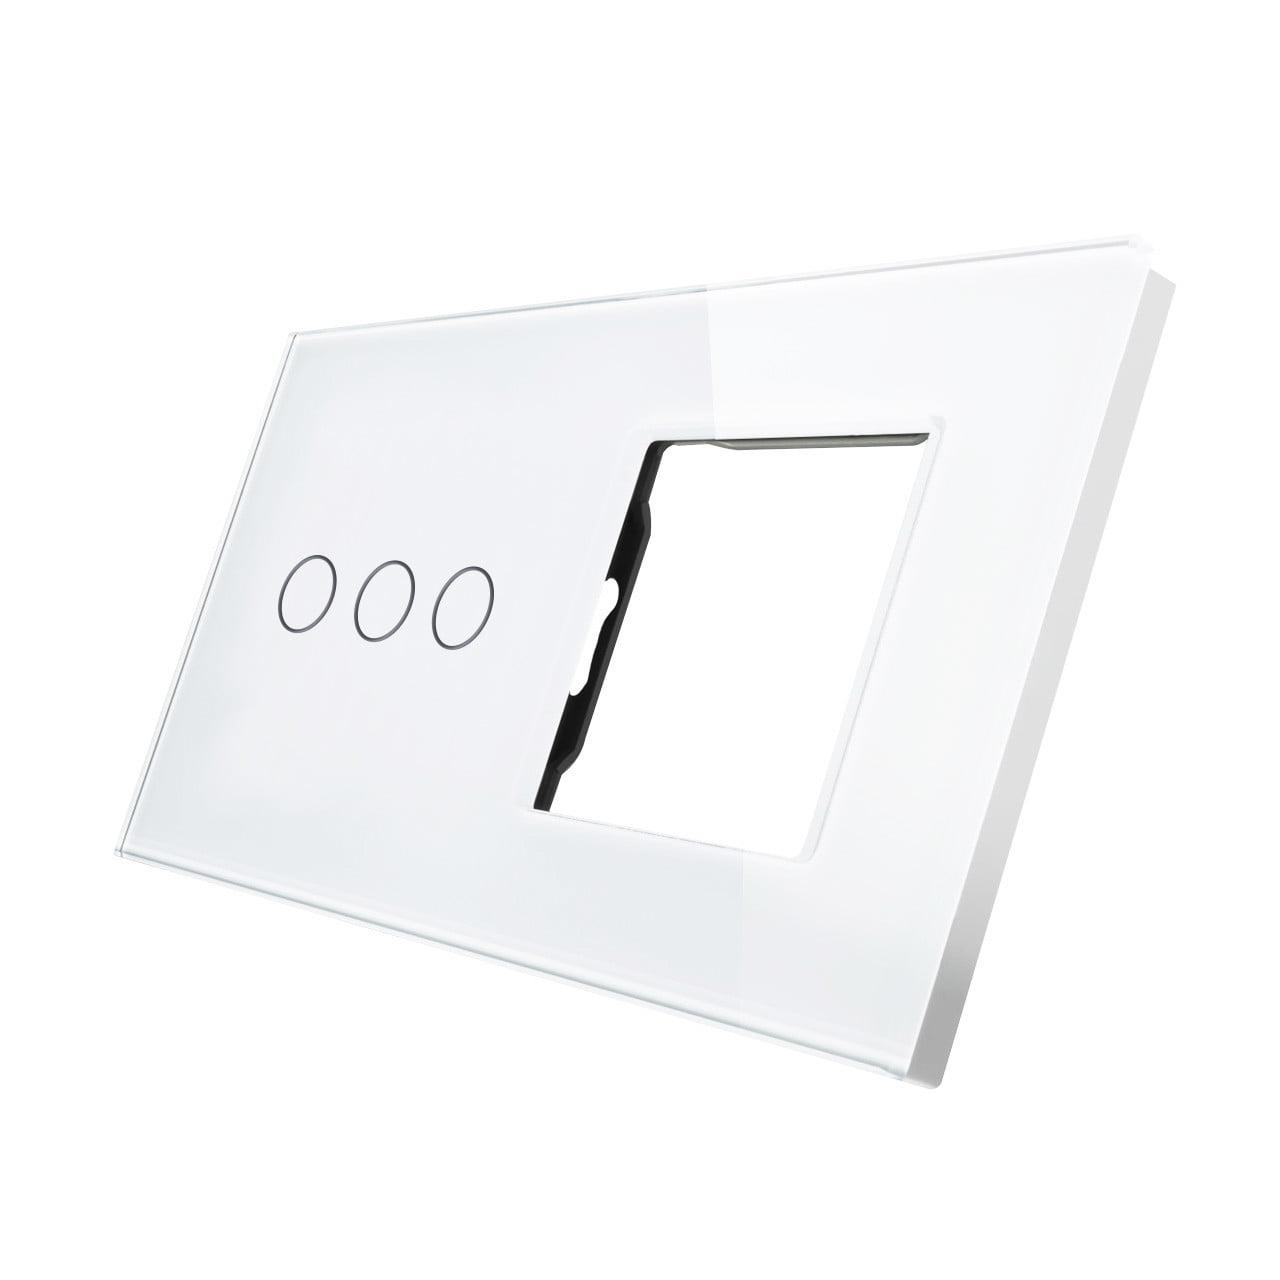 Rama sticla pentru intrerupator cu touch triplu + modul priza simplu Smart Home